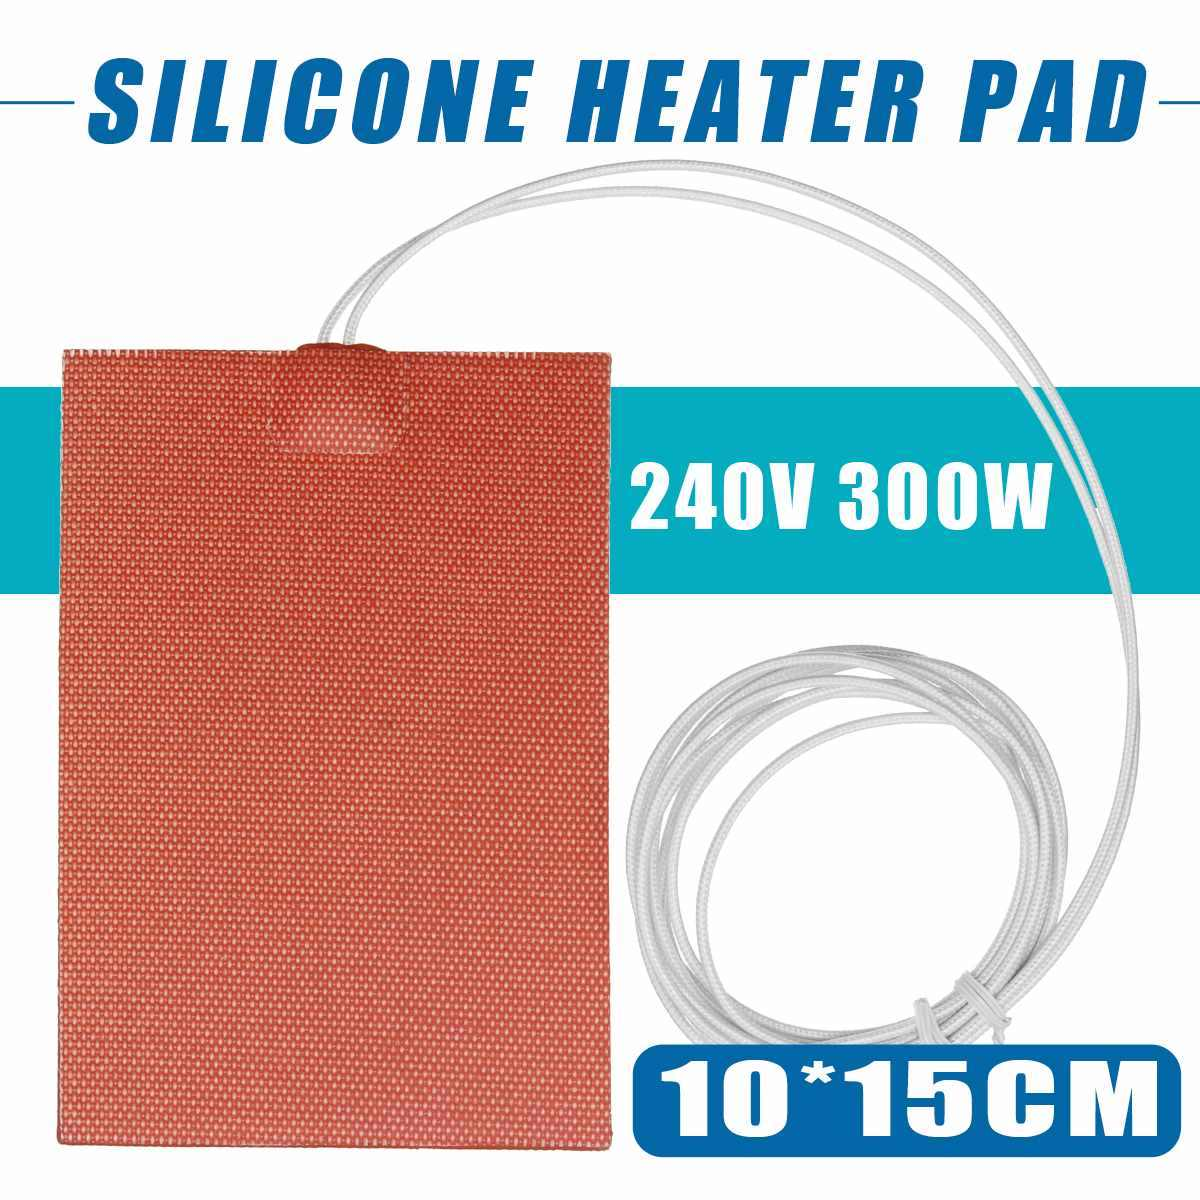 100X150 мм 300 Вт 240 В силиконовый нагреватель двигателя блок масляный поддон гидравлический бак нагревательная пластина нагреватель колодки/мат W/3 PSA